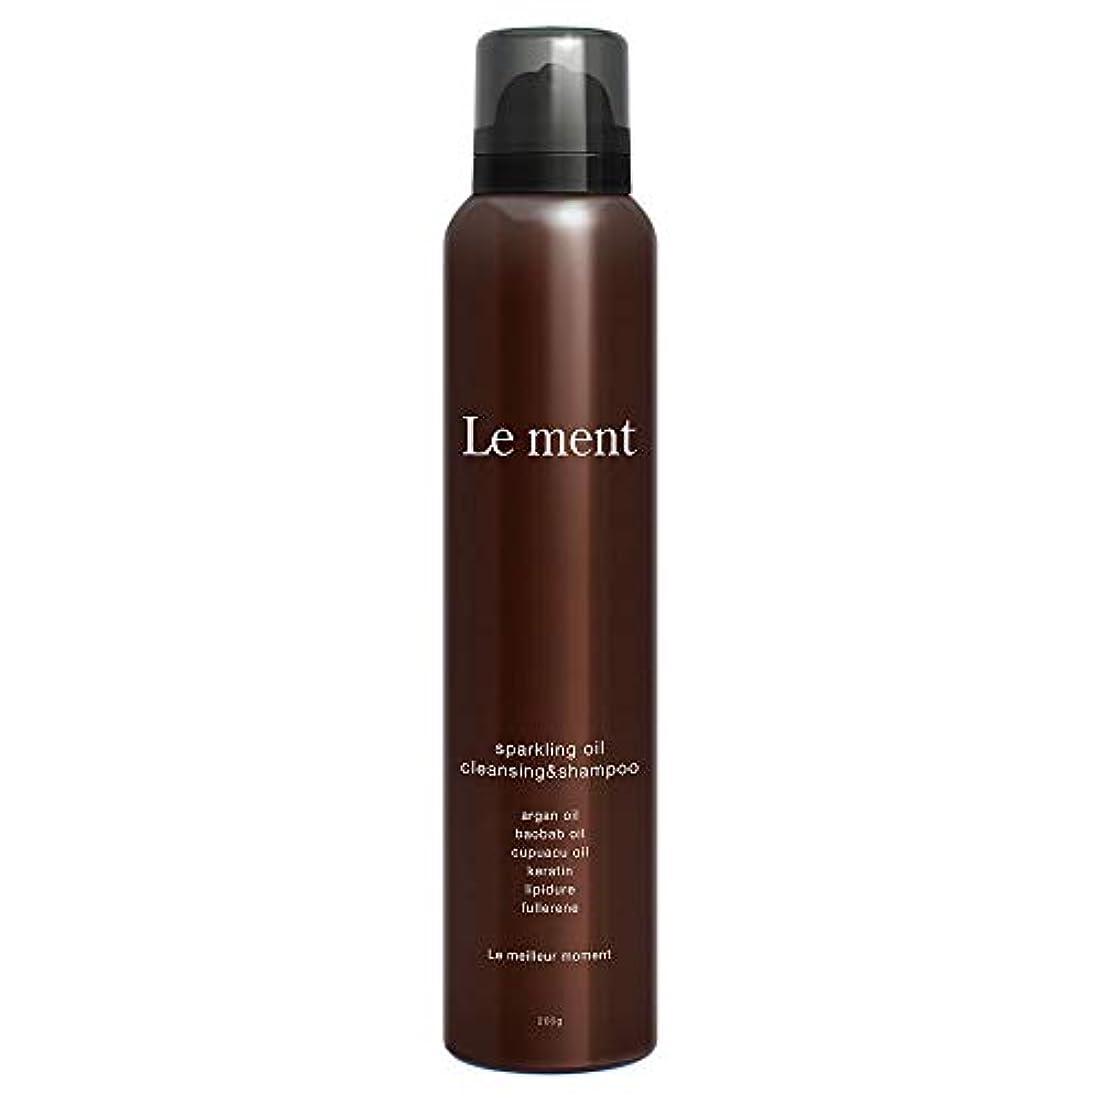 アームストロングアメリカスチュアート島Le ment -sparkling oil cleansing & shampoo -